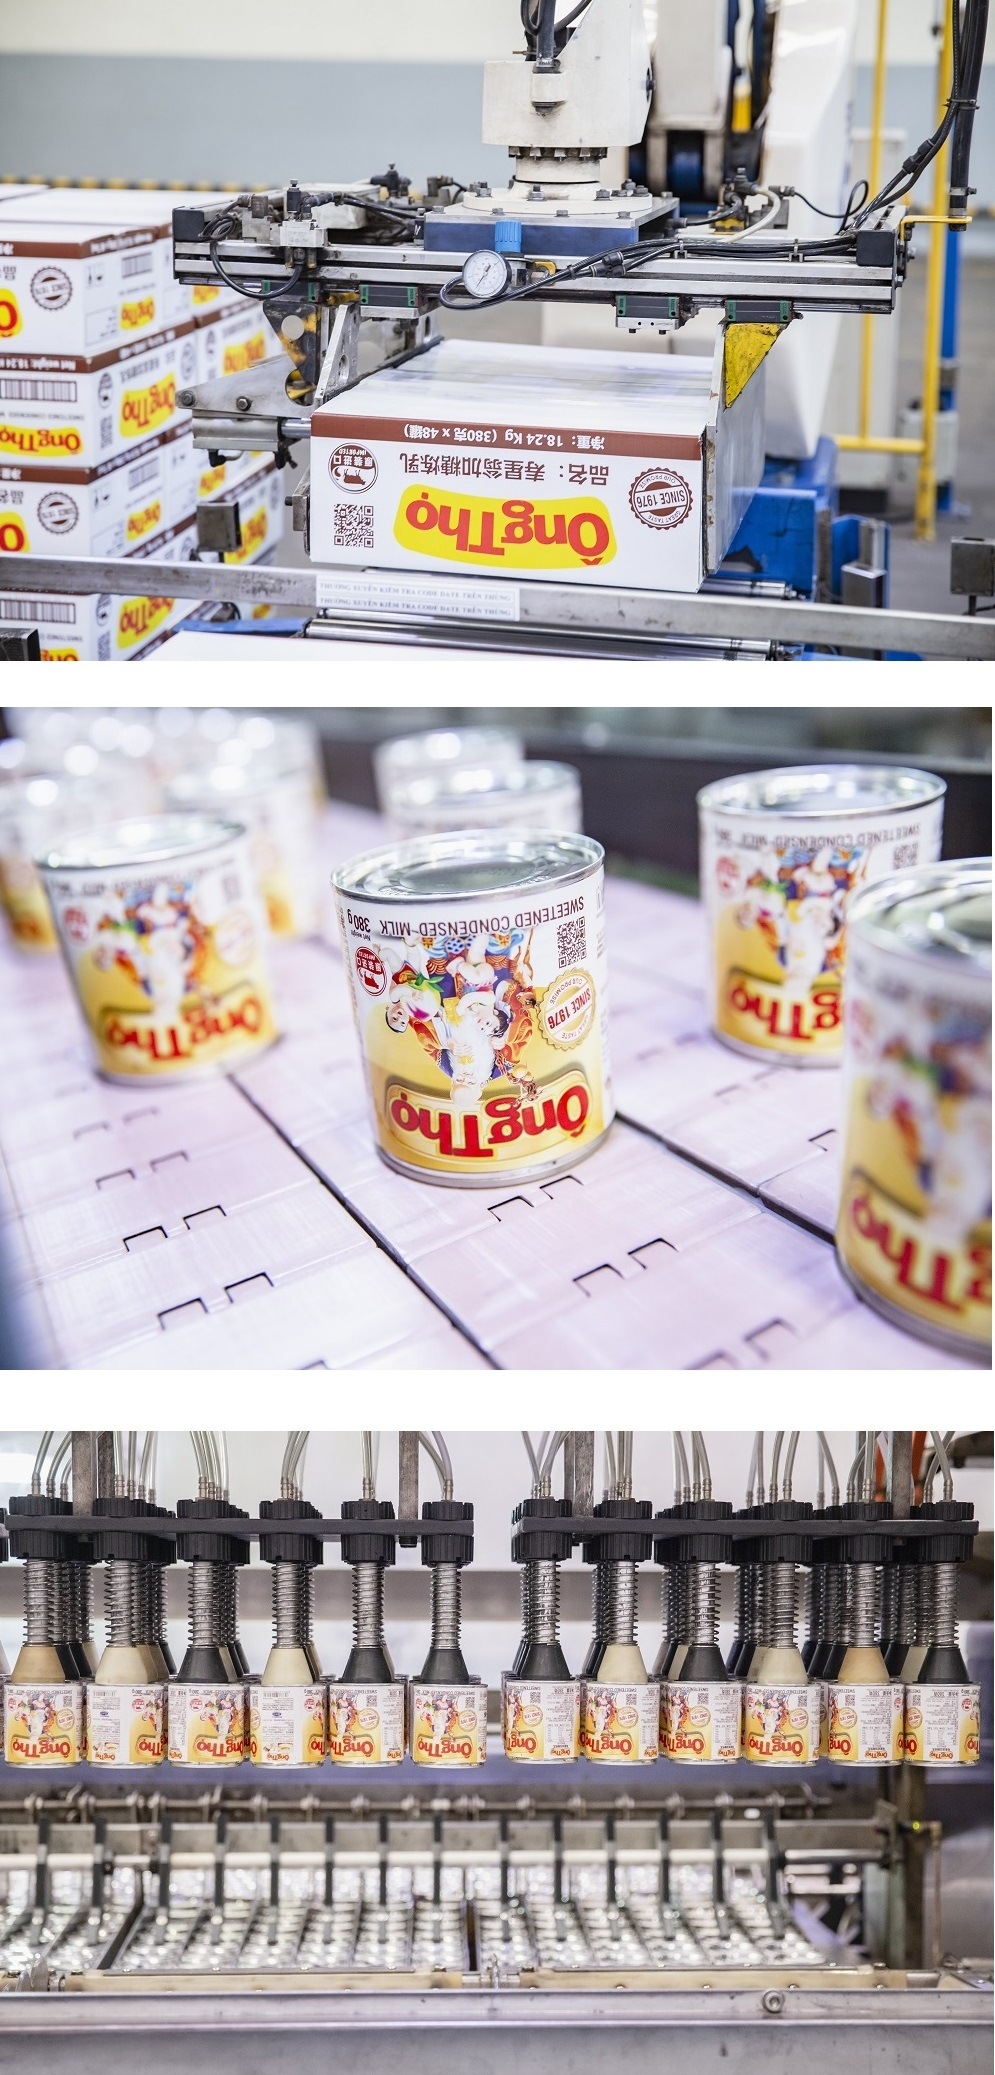 Cận cảnh những công đoạn sản xuất lô sữa đặc Vinamilk nhãn hiệu Ông Thọ xuất sang Trung Quốc